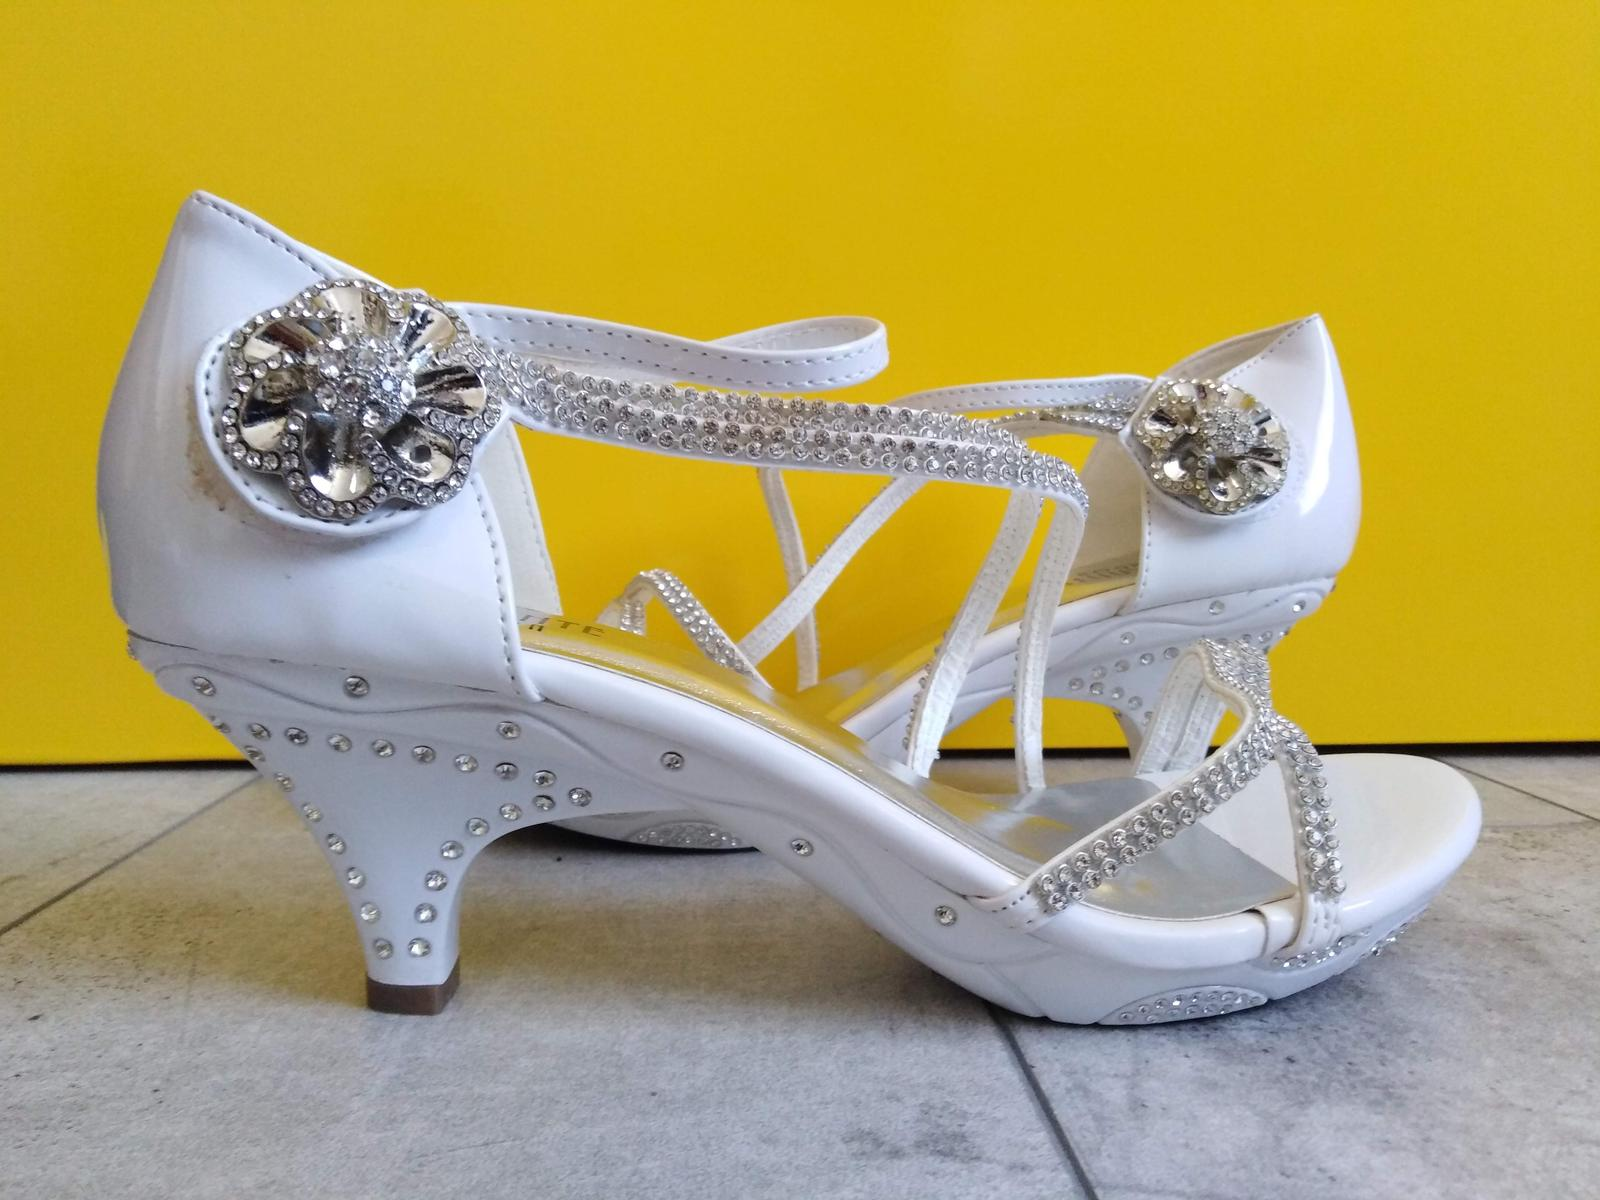 SKLADEM - svatební bílé sandálky - Obrázek č. 1